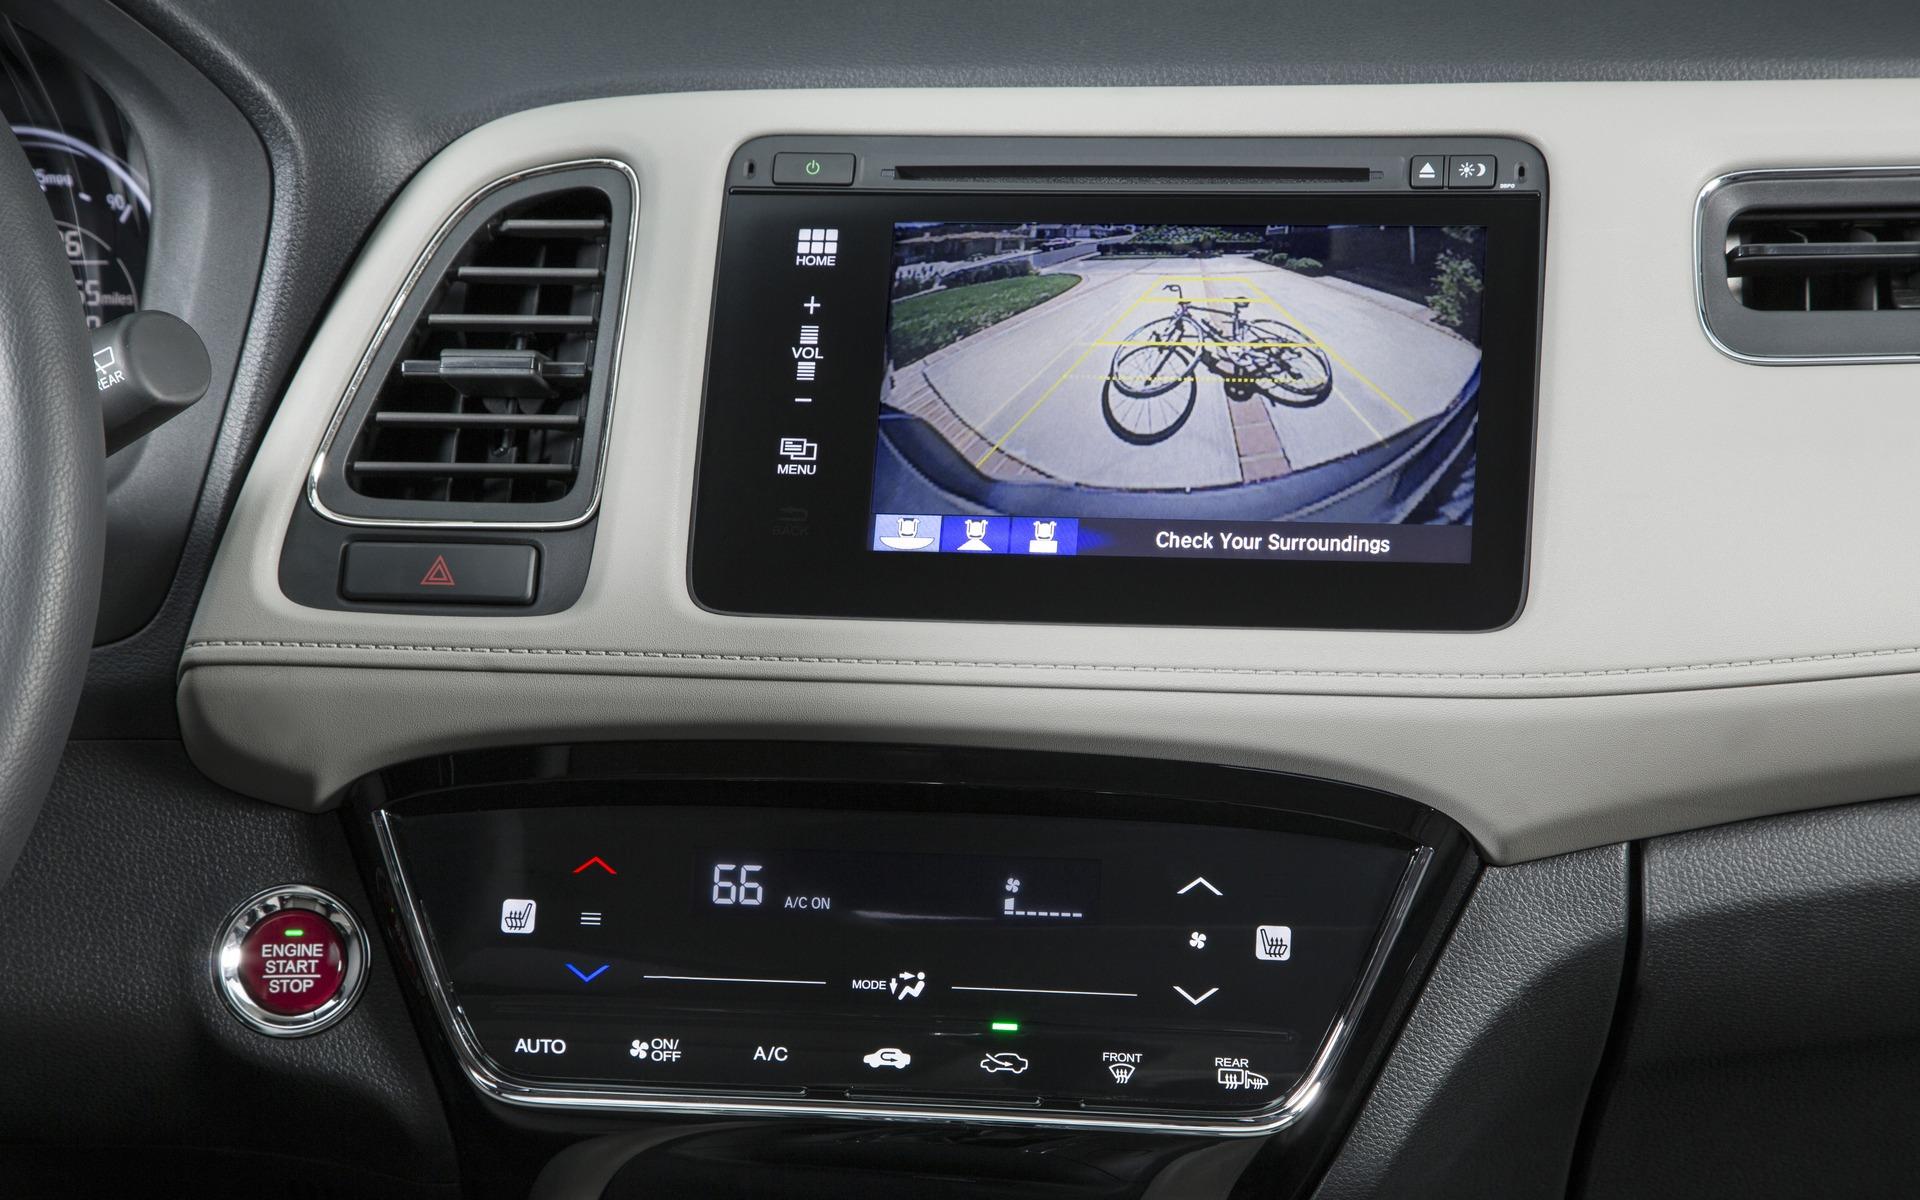 Honda HR-V 2016 - Caméra de recul avec fonctions multi-vues